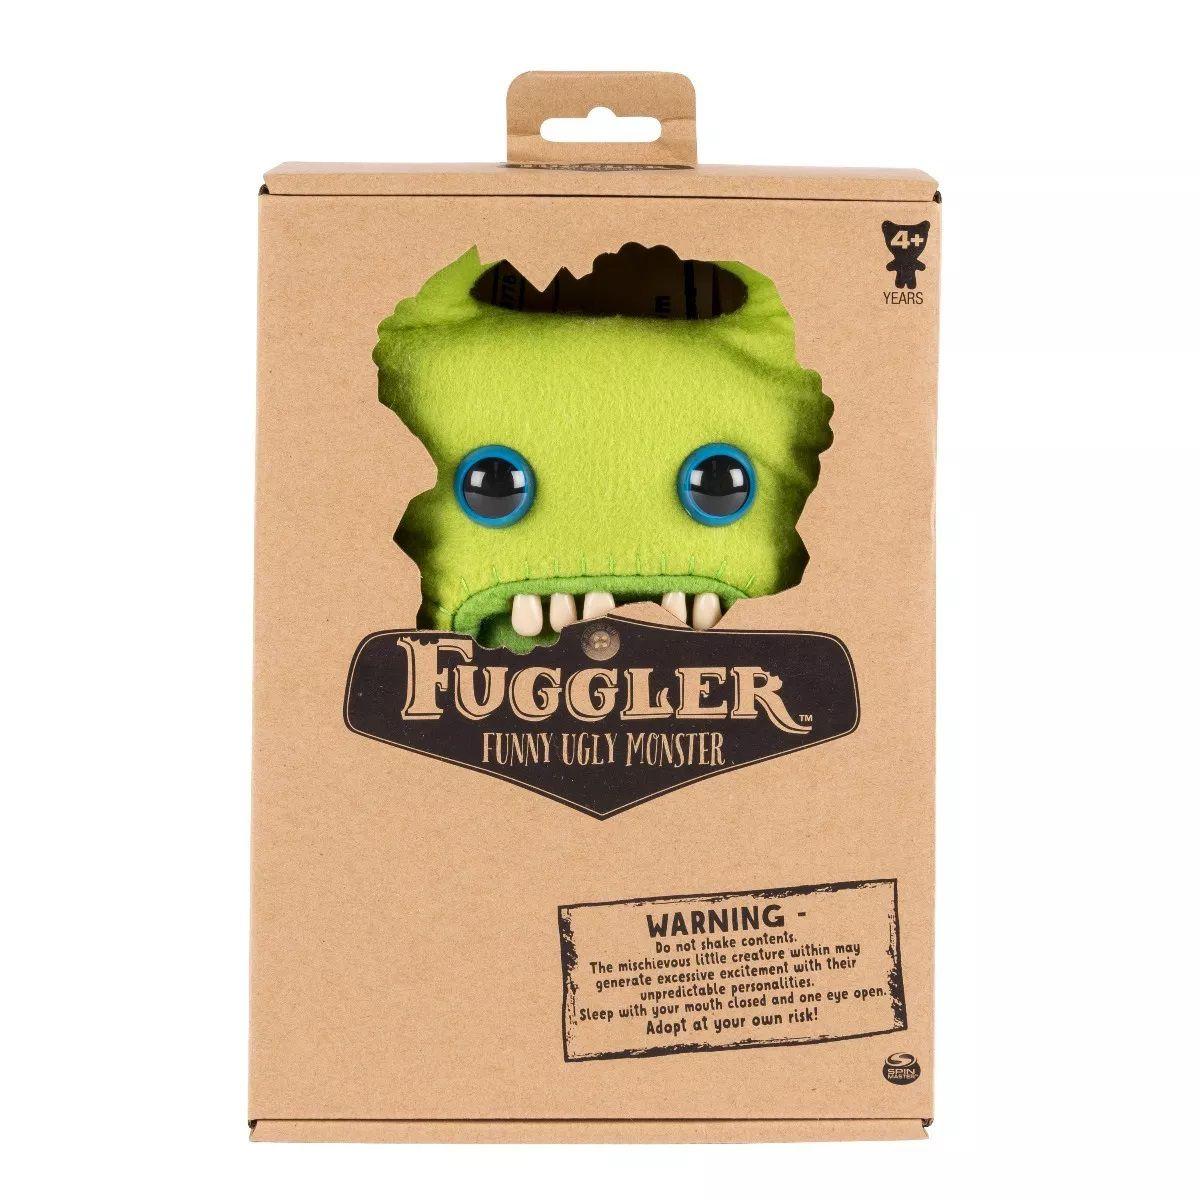 Pelúcia Monstruosa Verde Média Fuggler Funny Ugly Monster 1915 Sunny